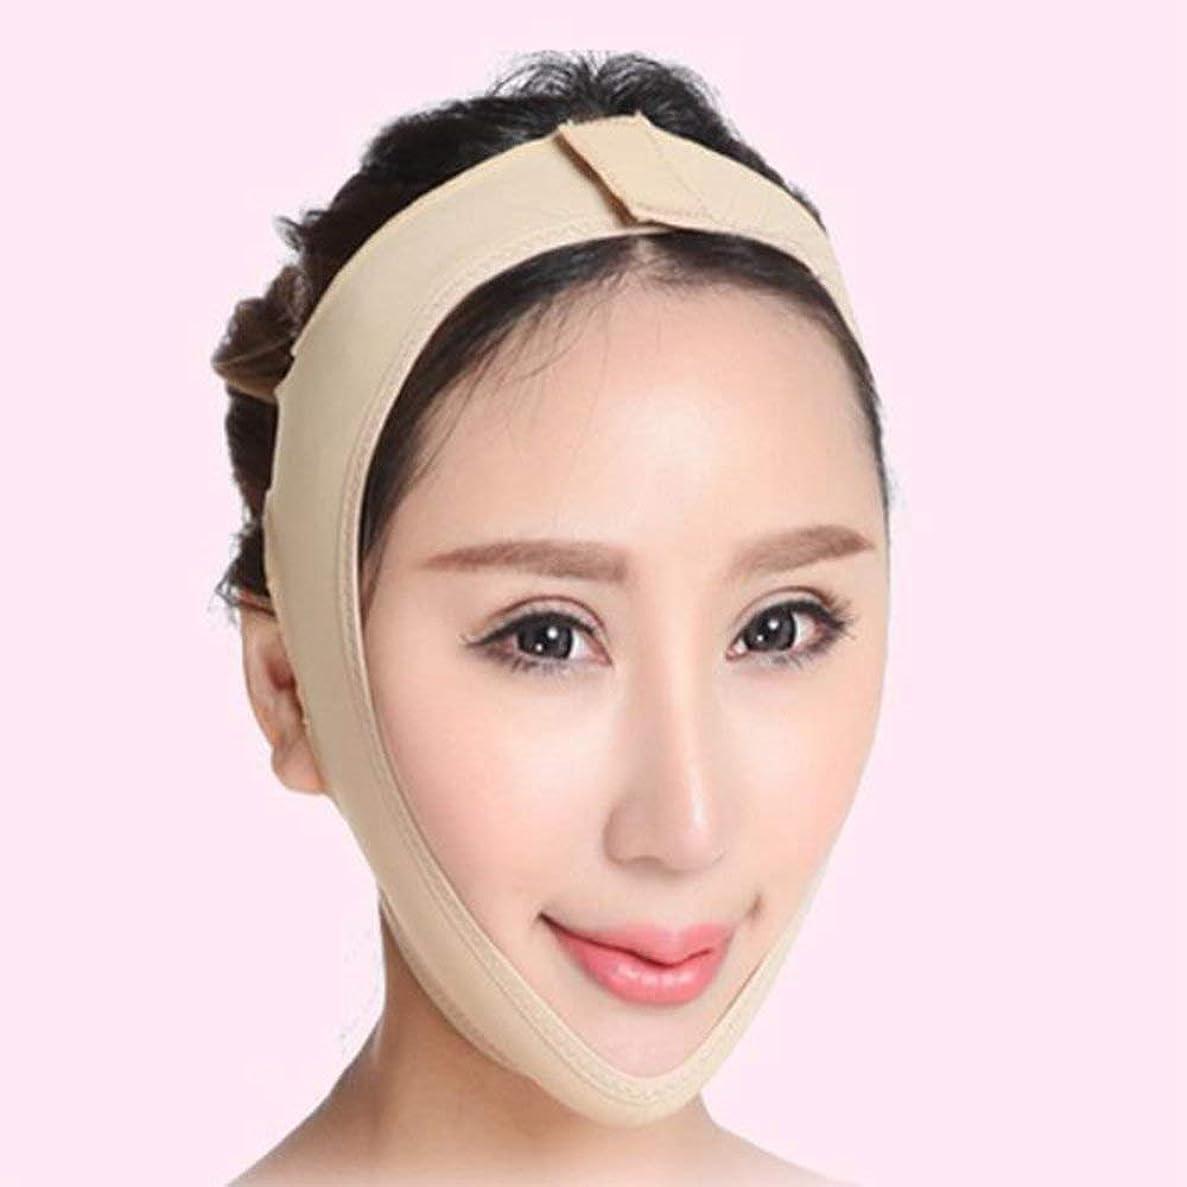 応用インポートジャケットMR 小顔マスク リフトアップ マスク フェイスラインシャープ メンズ レディース Sサイズ MR-AZD15003-S